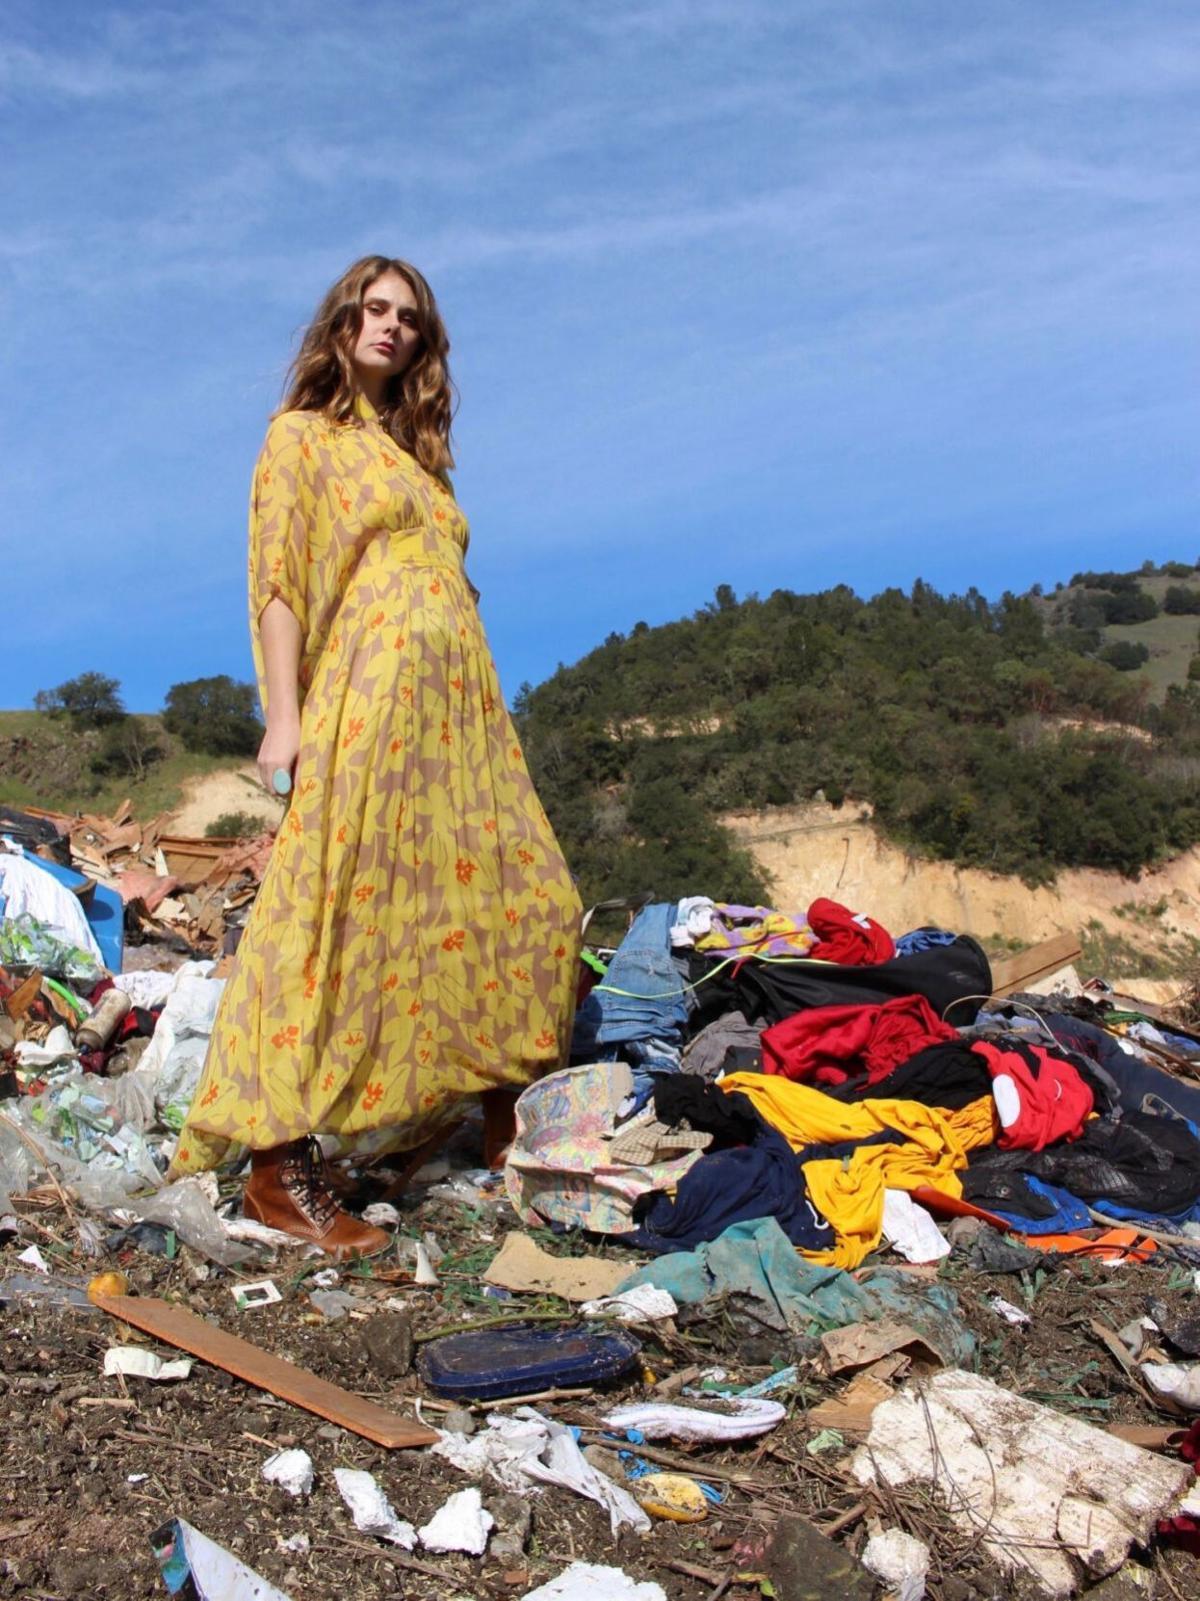 Fashion shoot at Clover Flat Landfill